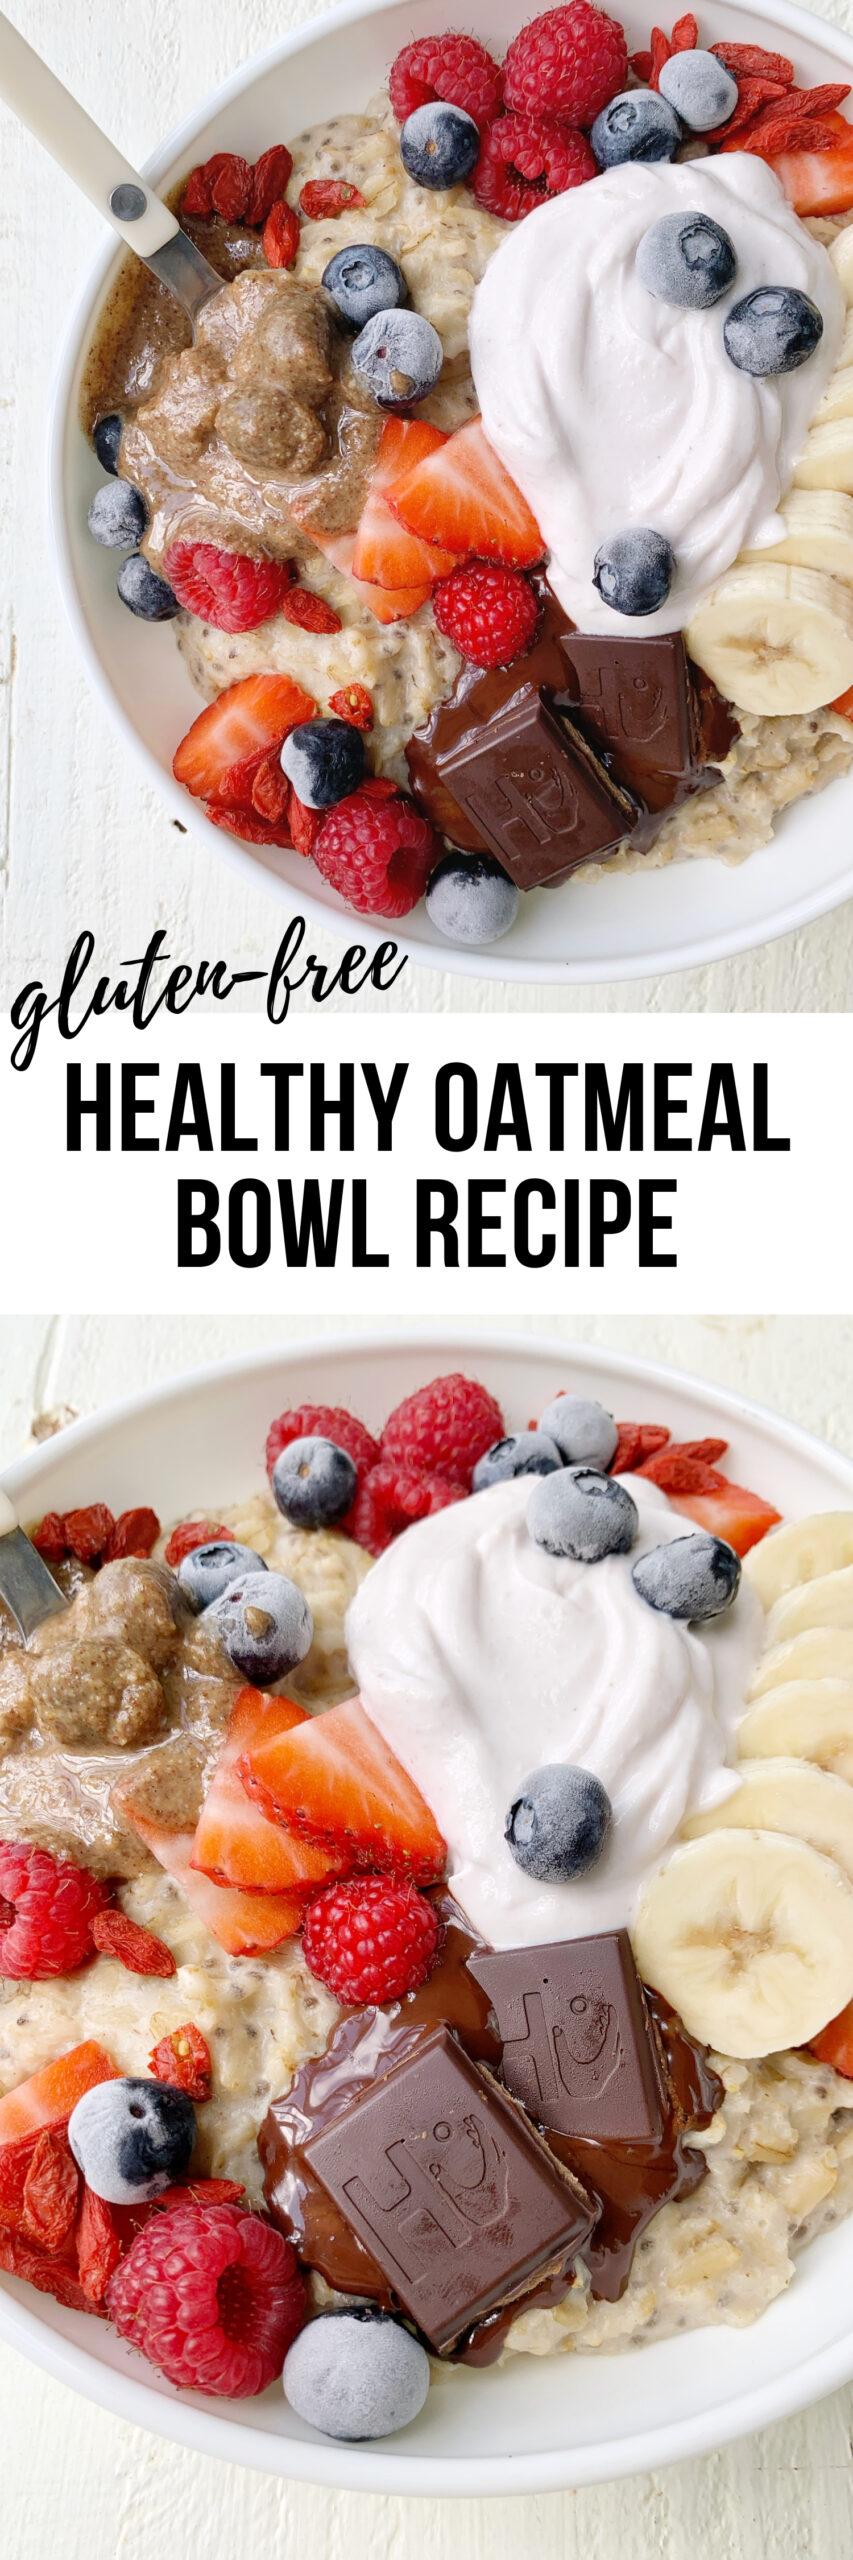 gluten free oatmeal recipe